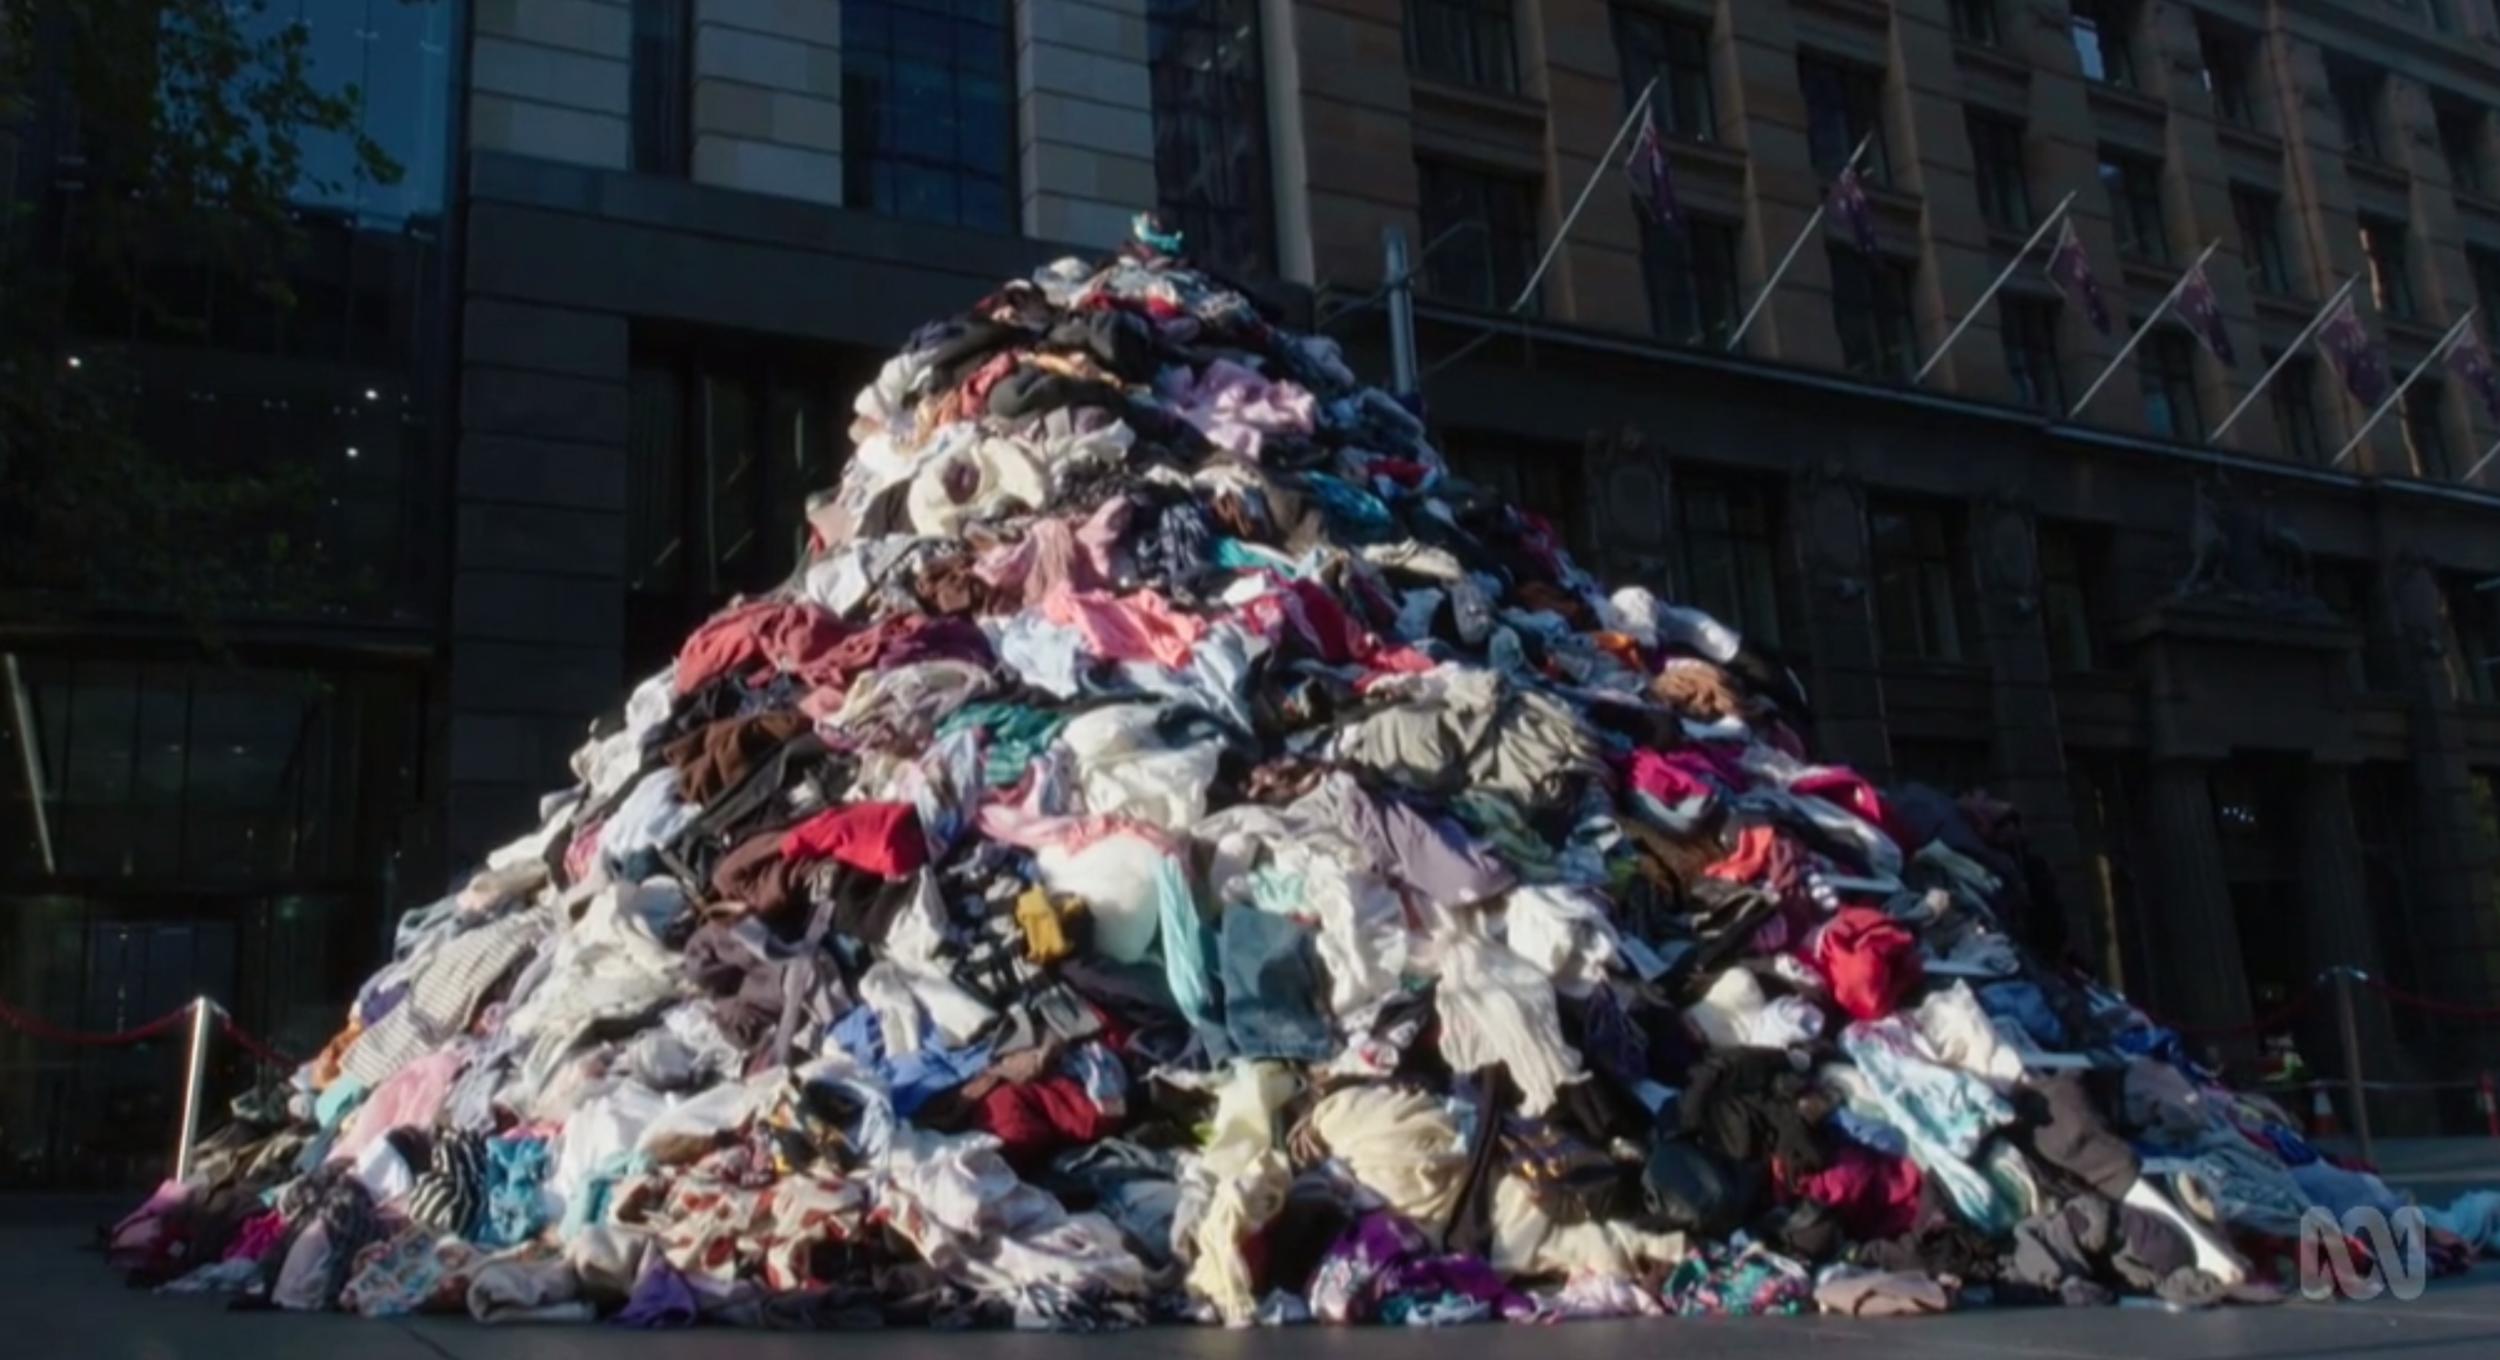 War on Waste